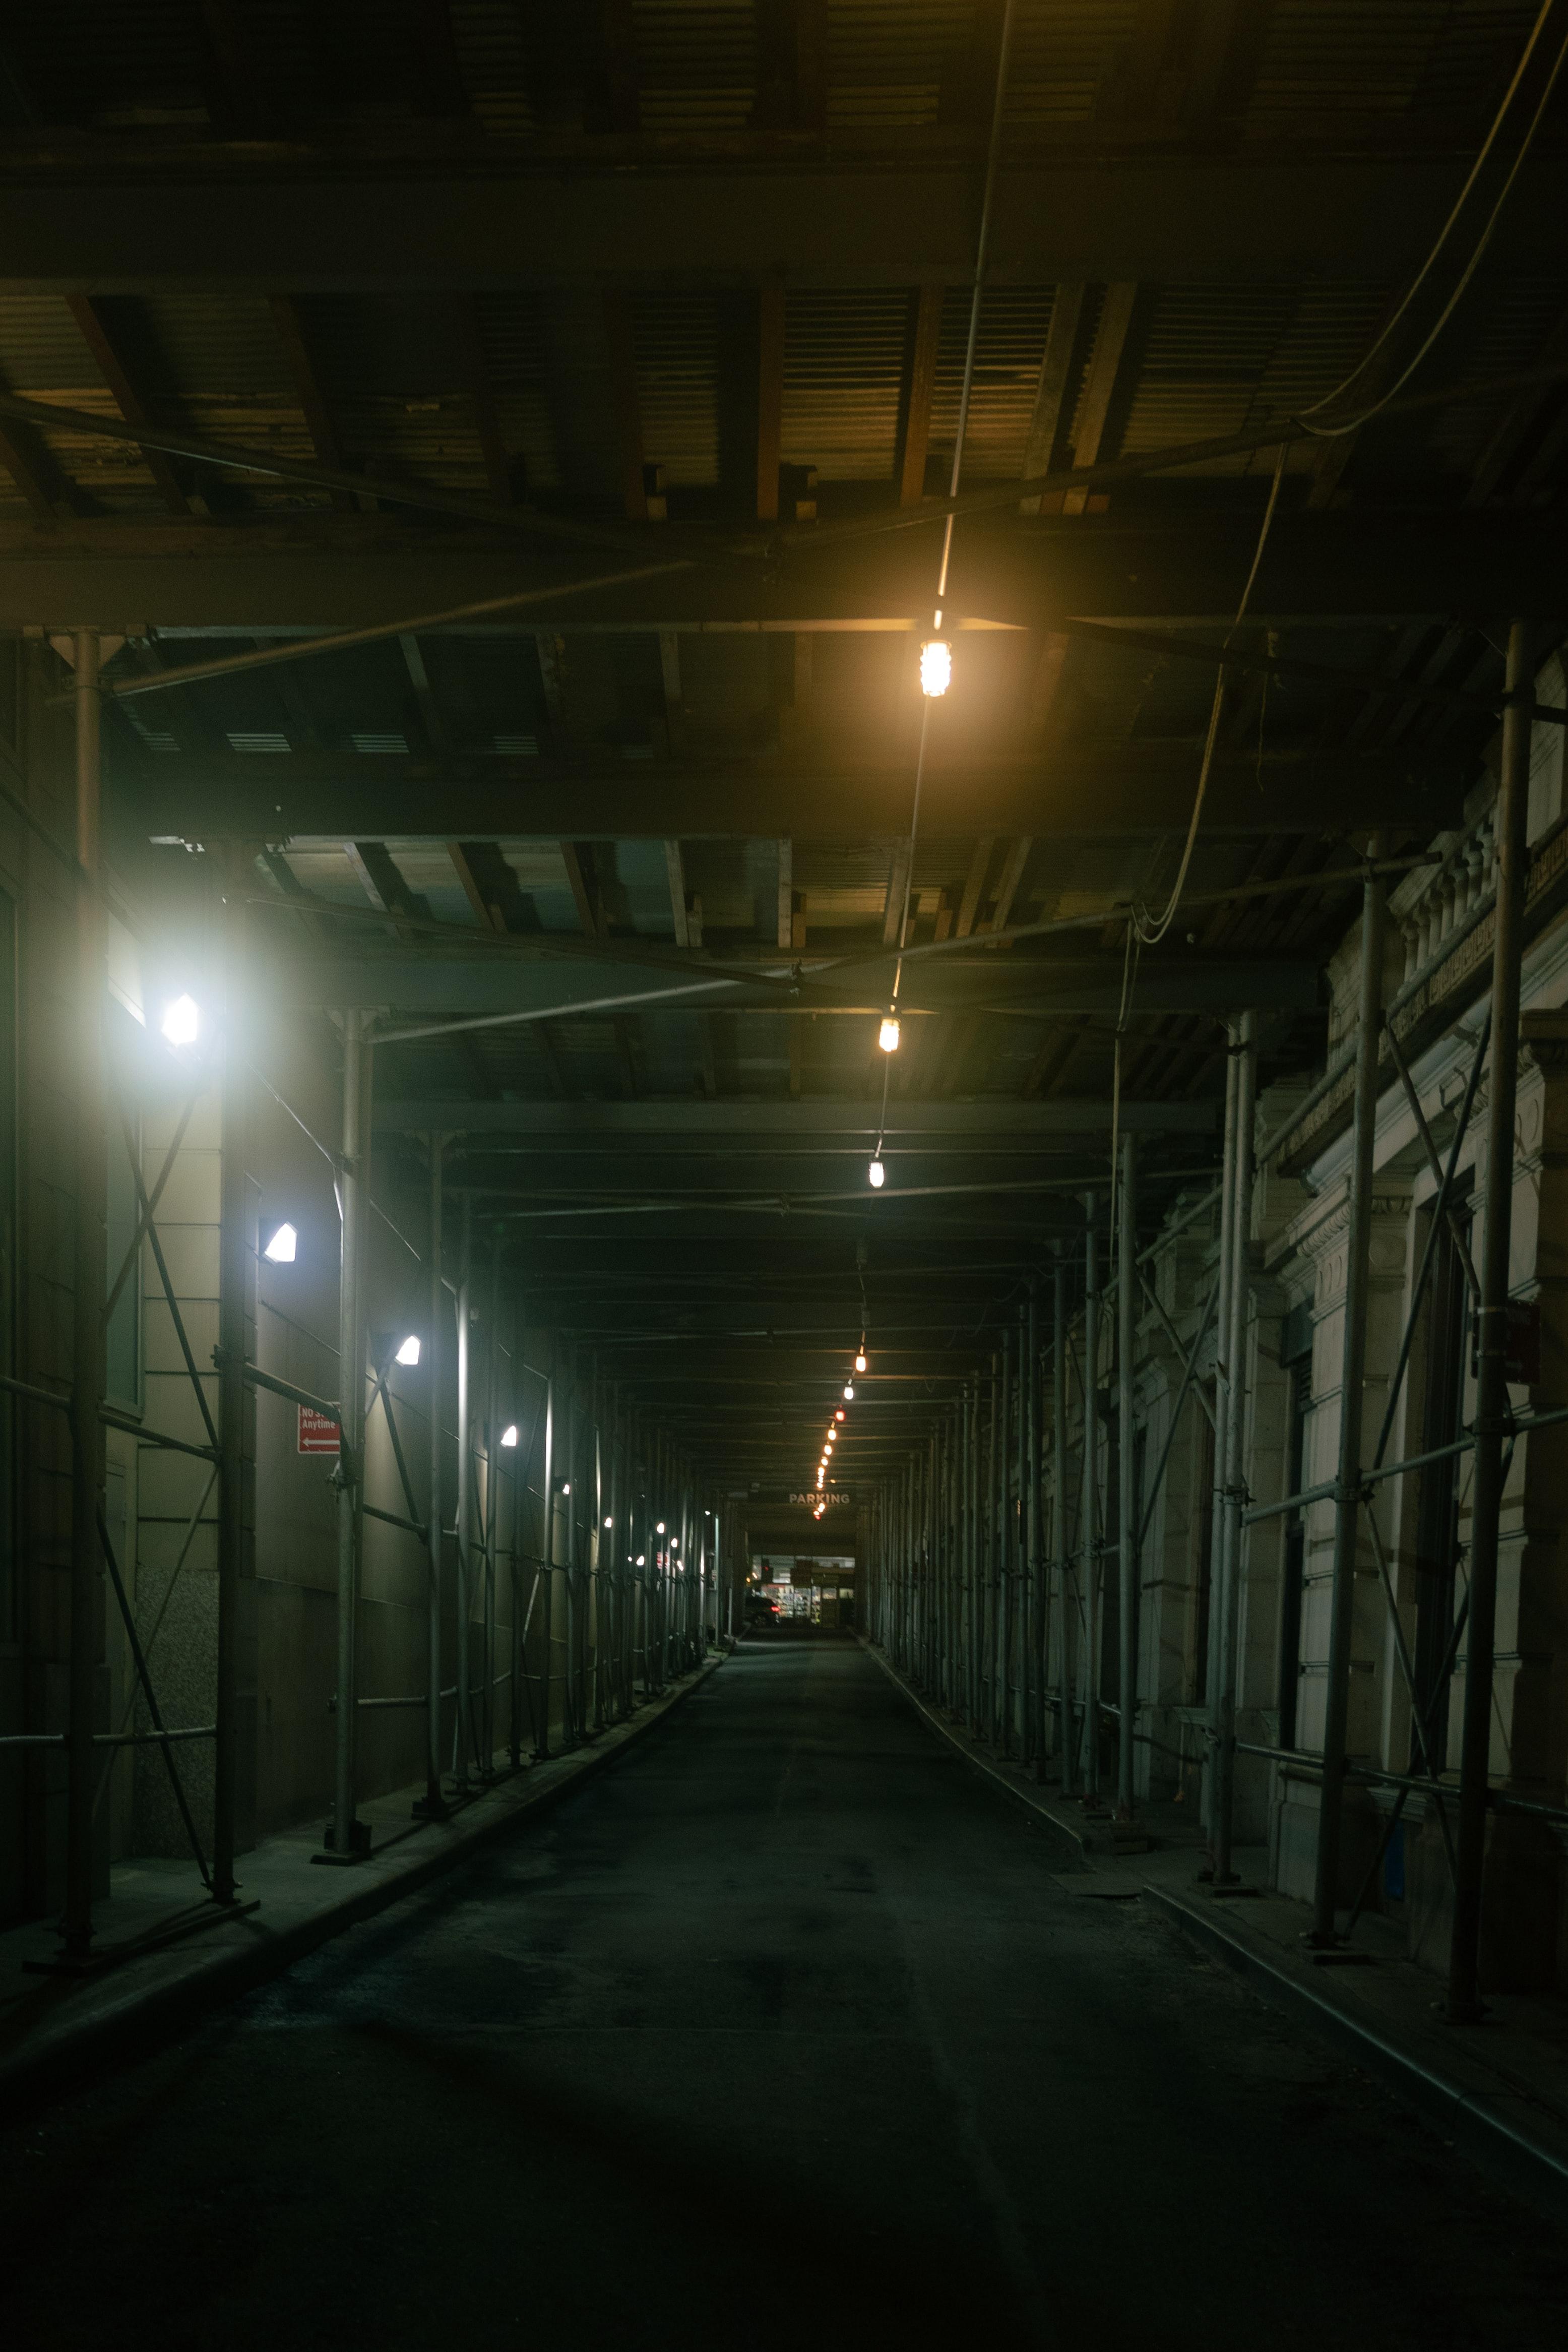 89829 Hintergrundbild herunterladen Dunkel, Gebäude, Beleuchtung, Tunnel - Bildschirmschoner und Bilder kostenlos